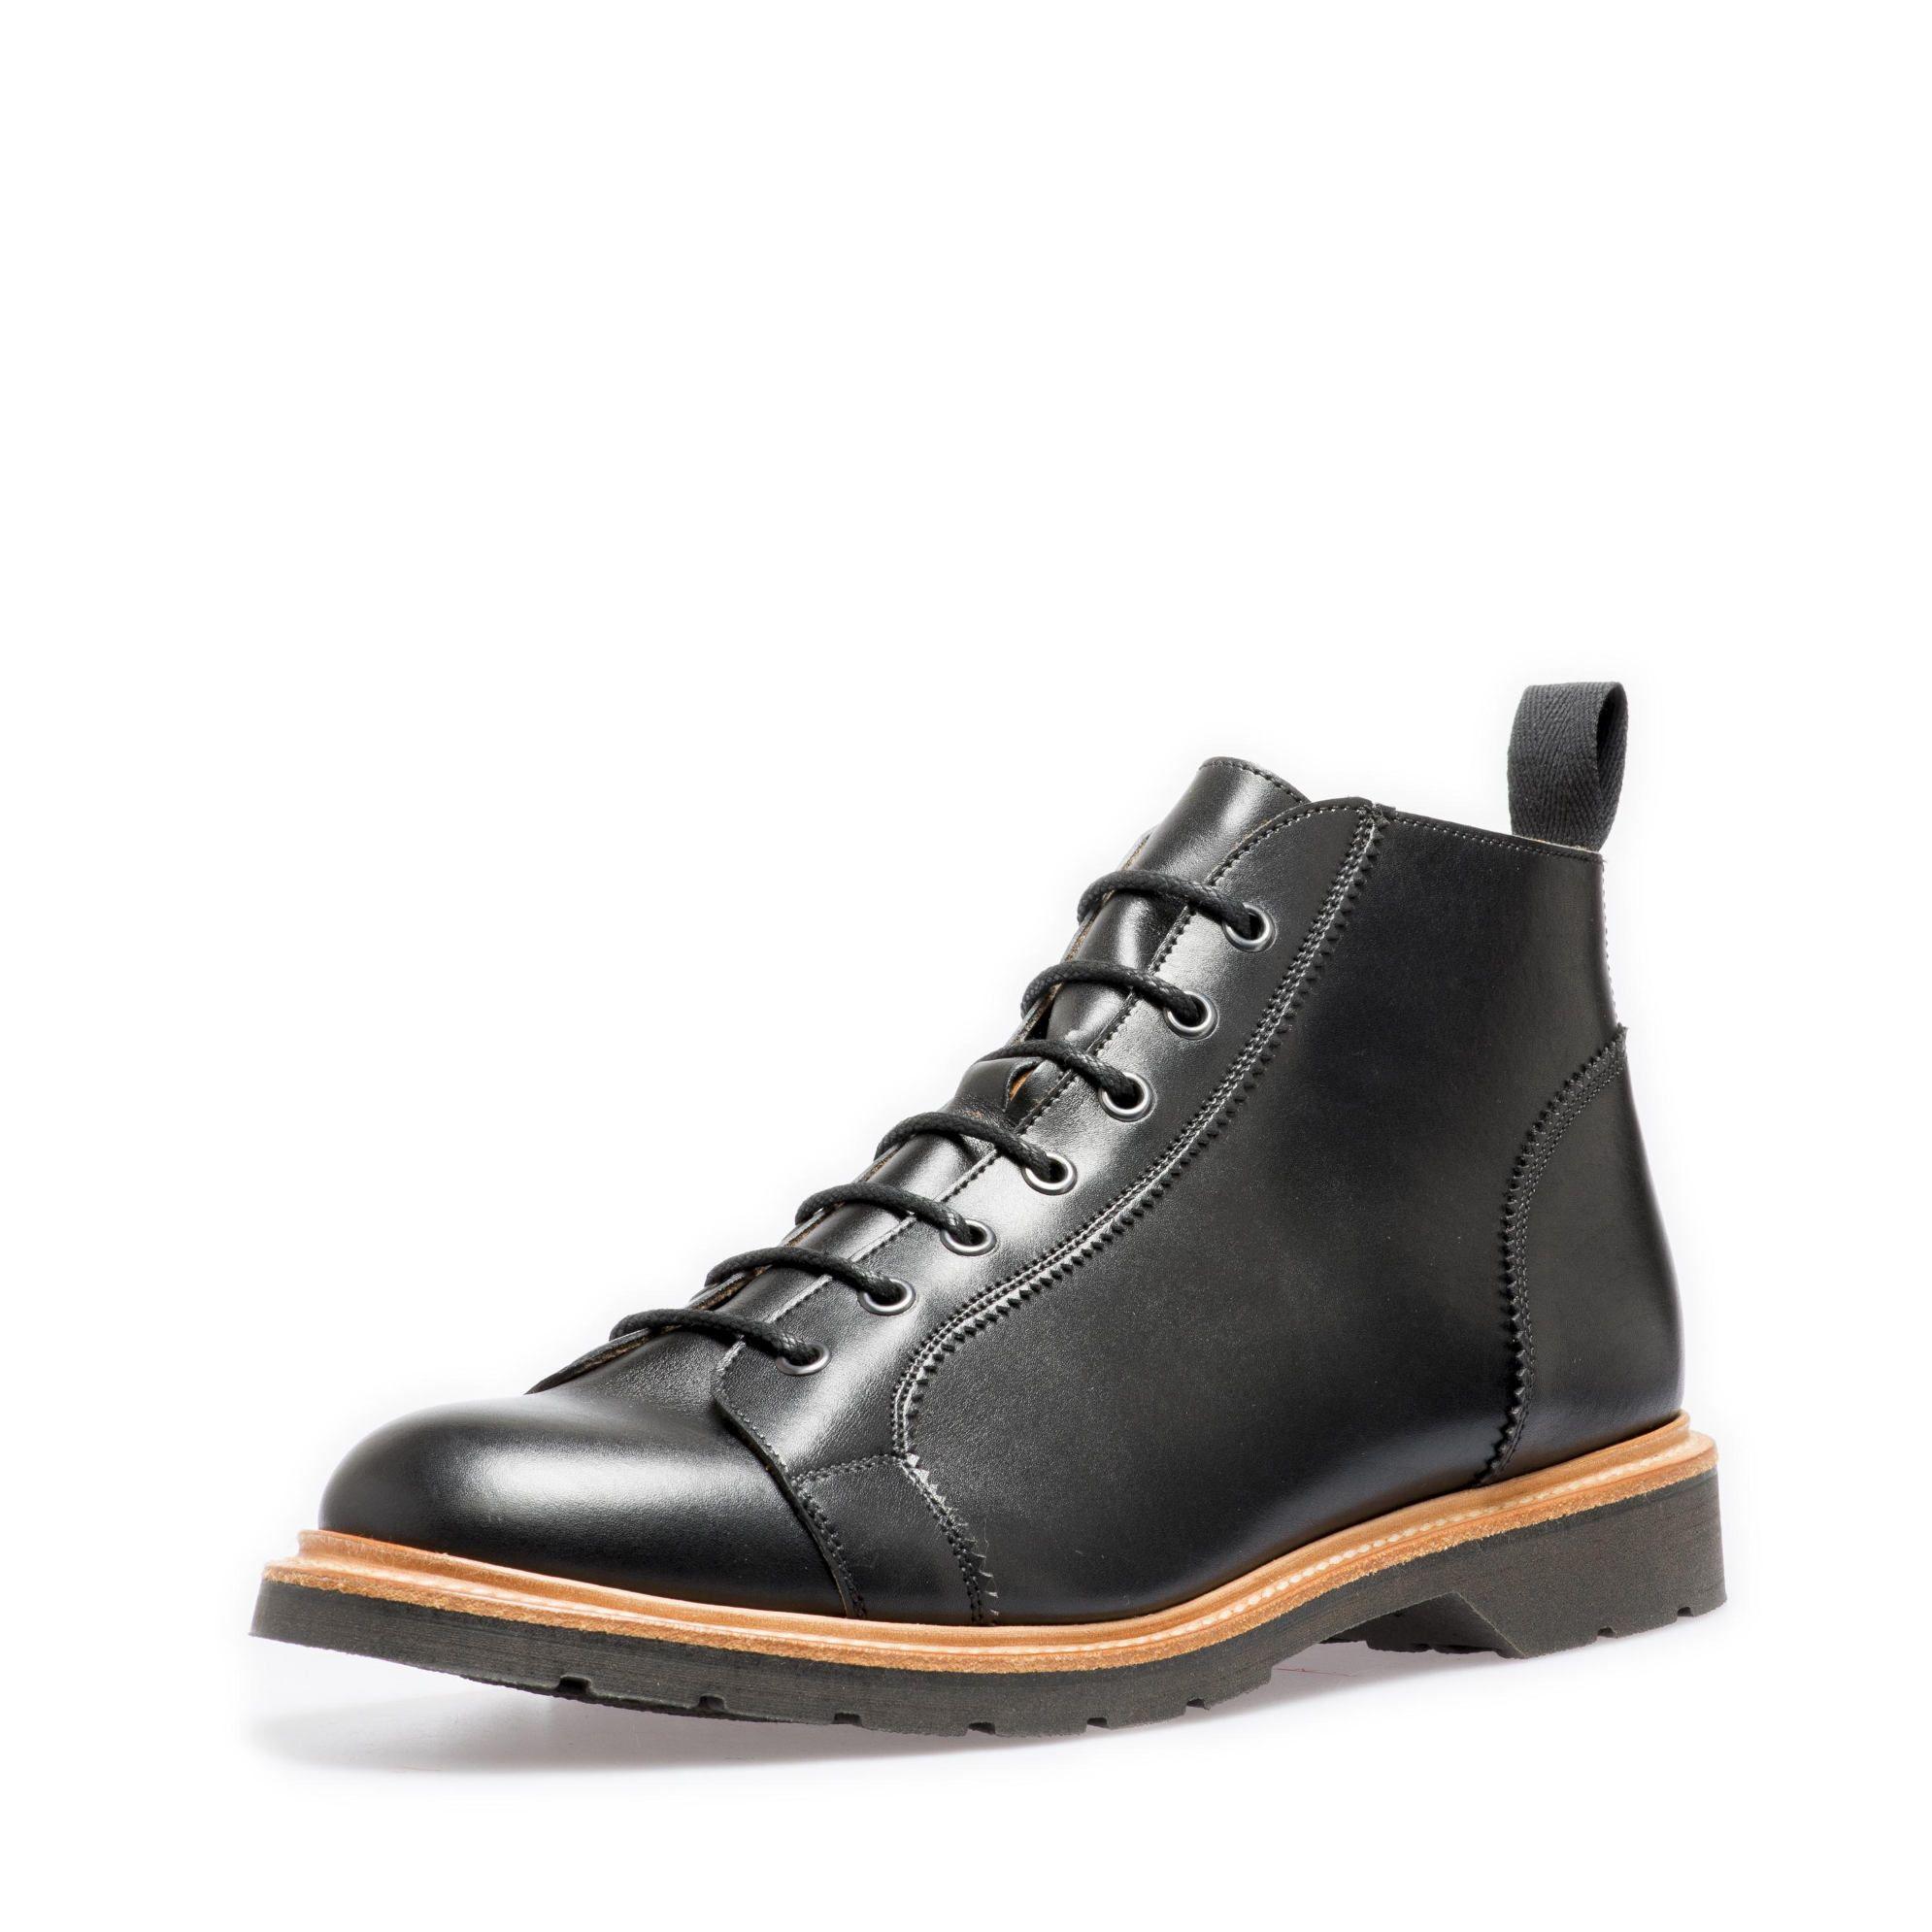 Solovair Black Monkey Boot Monkey boots, Boots, Solovair